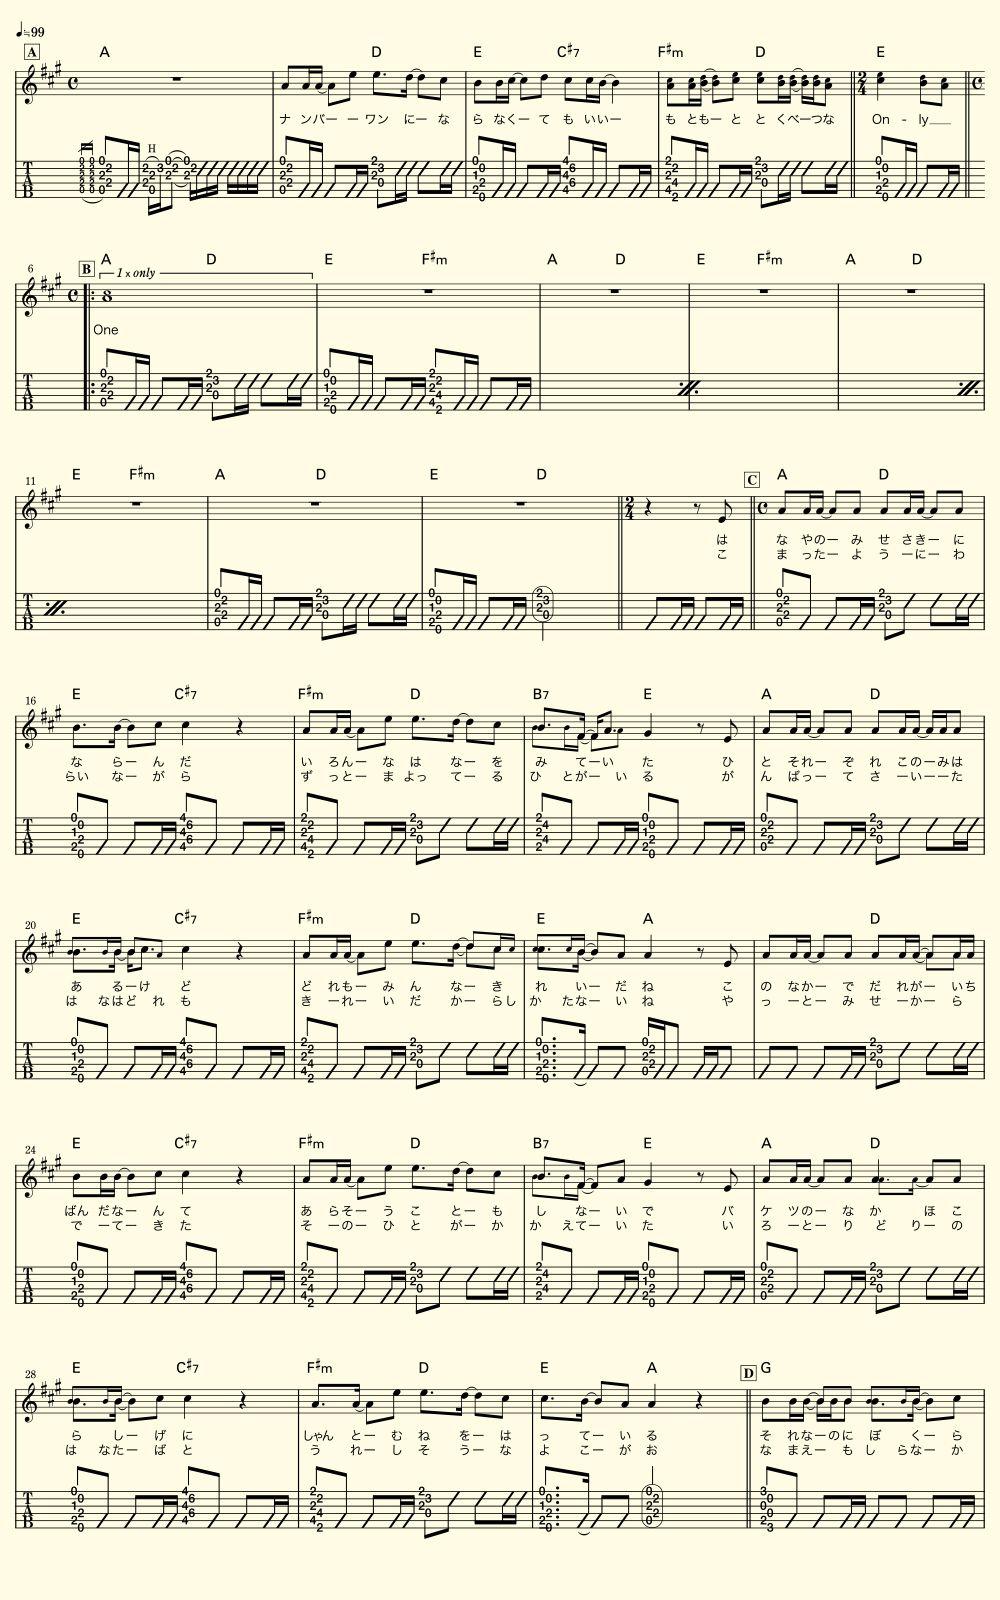 世界に一つだけの花 Smap の楽譜 無料 Tunegate Me 無料楽譜 楽譜 世界